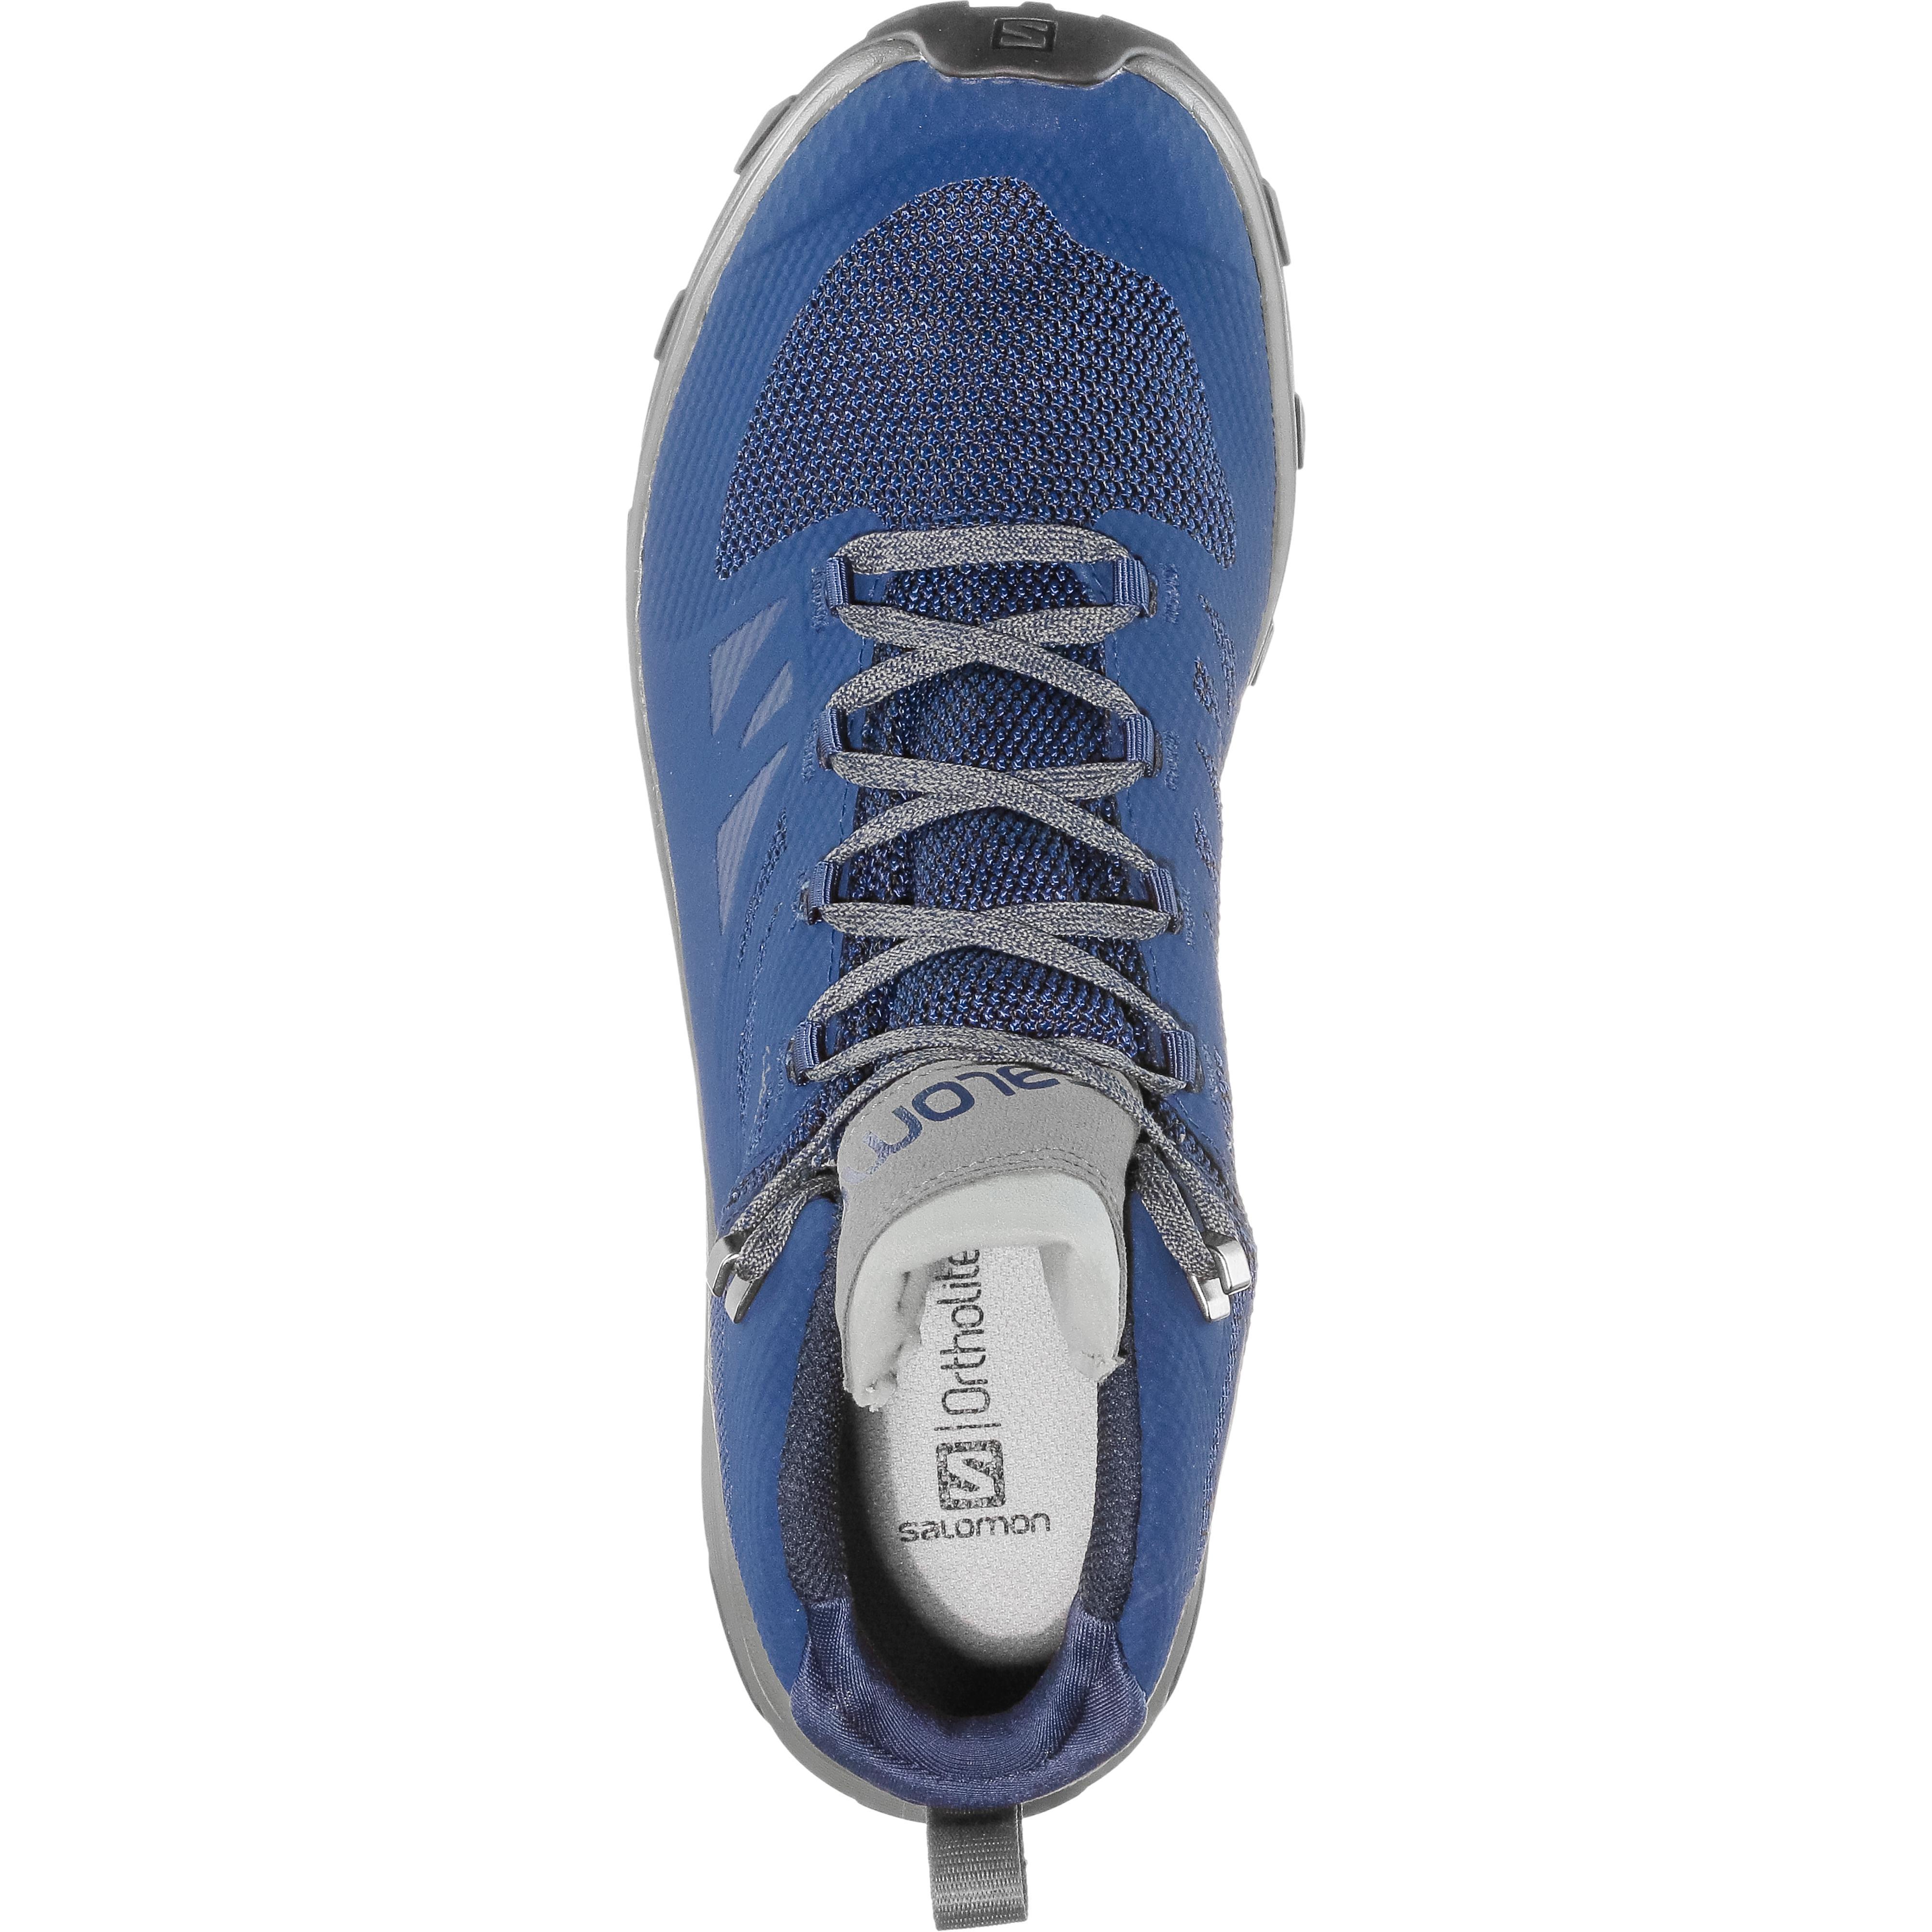 Salomon OUTline Mid GTX Wanderschuhe Herren Herren Herren medieval Blau-castor grau-Grün milieu im Online Shop von SportScheck kaufen Gute Qualität beliebte Schuhe 7944c5